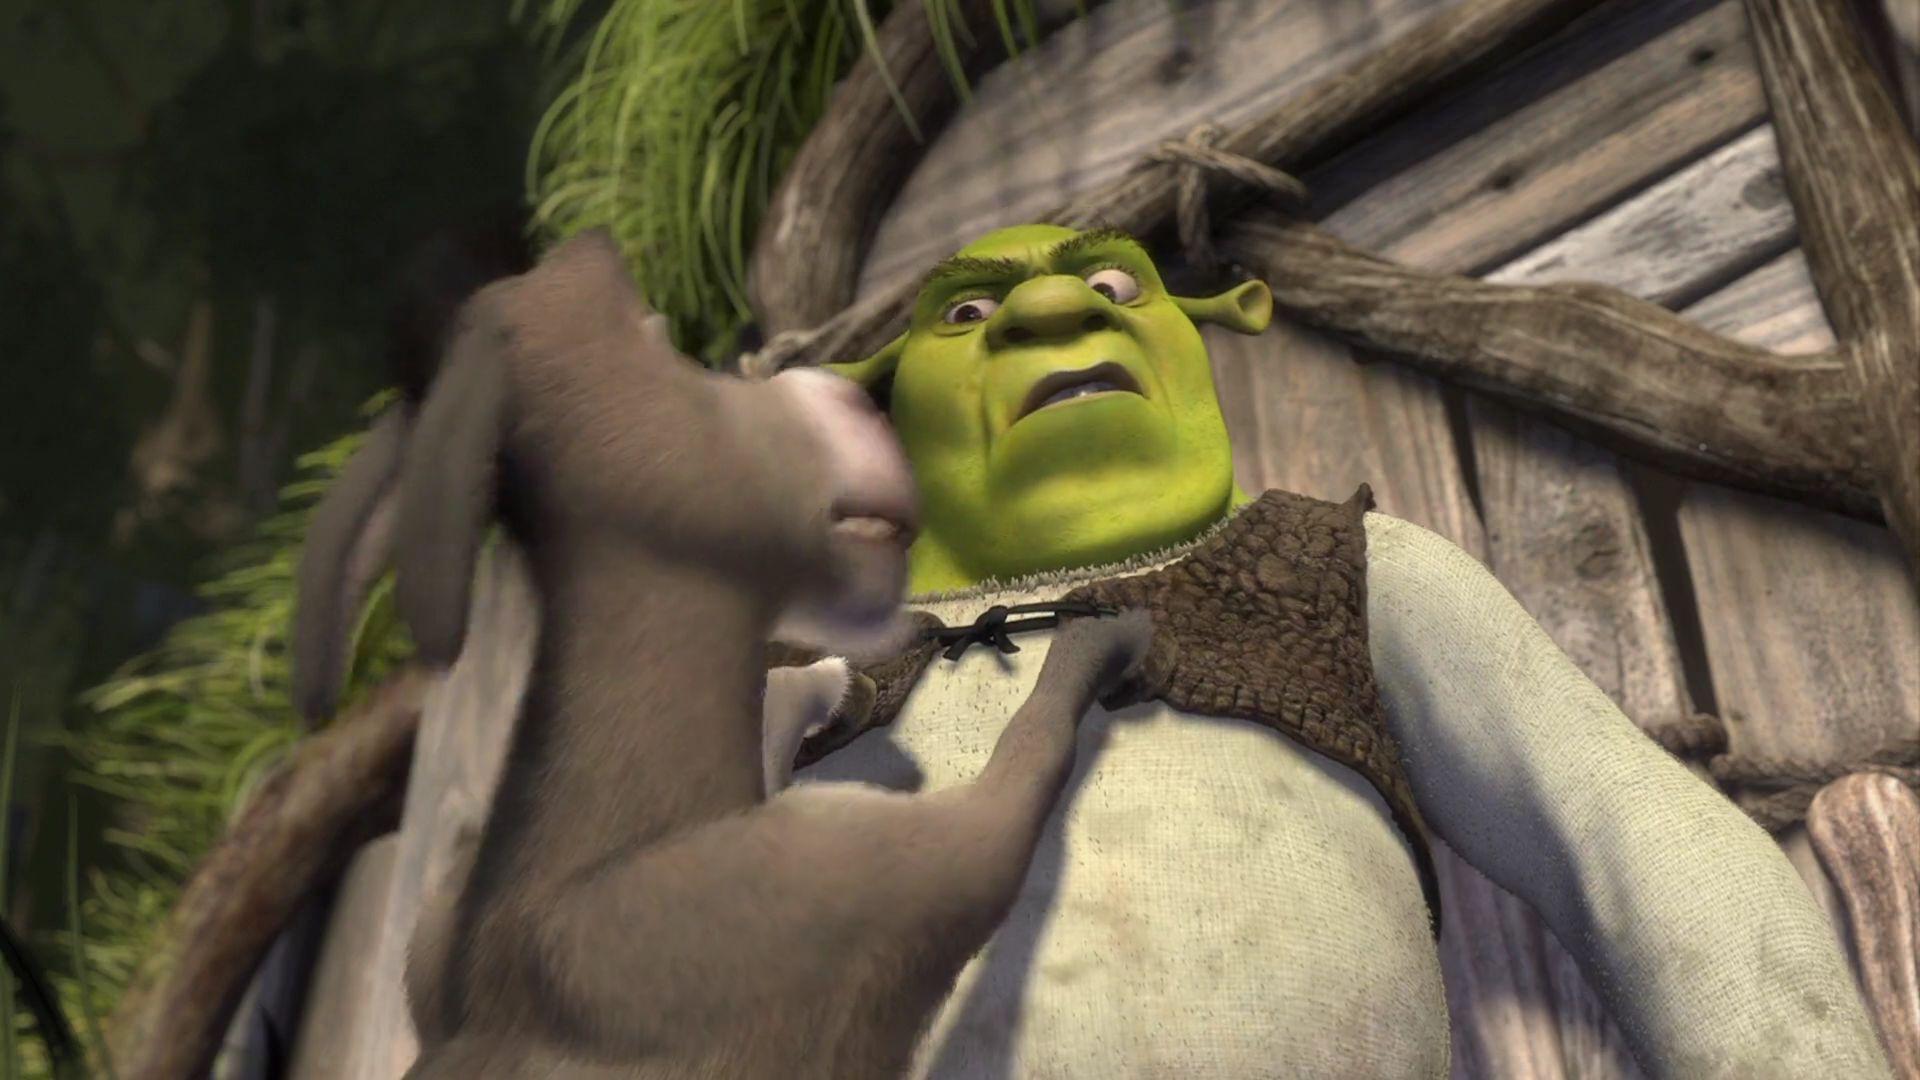 Shrek porn pics nackt thumbs